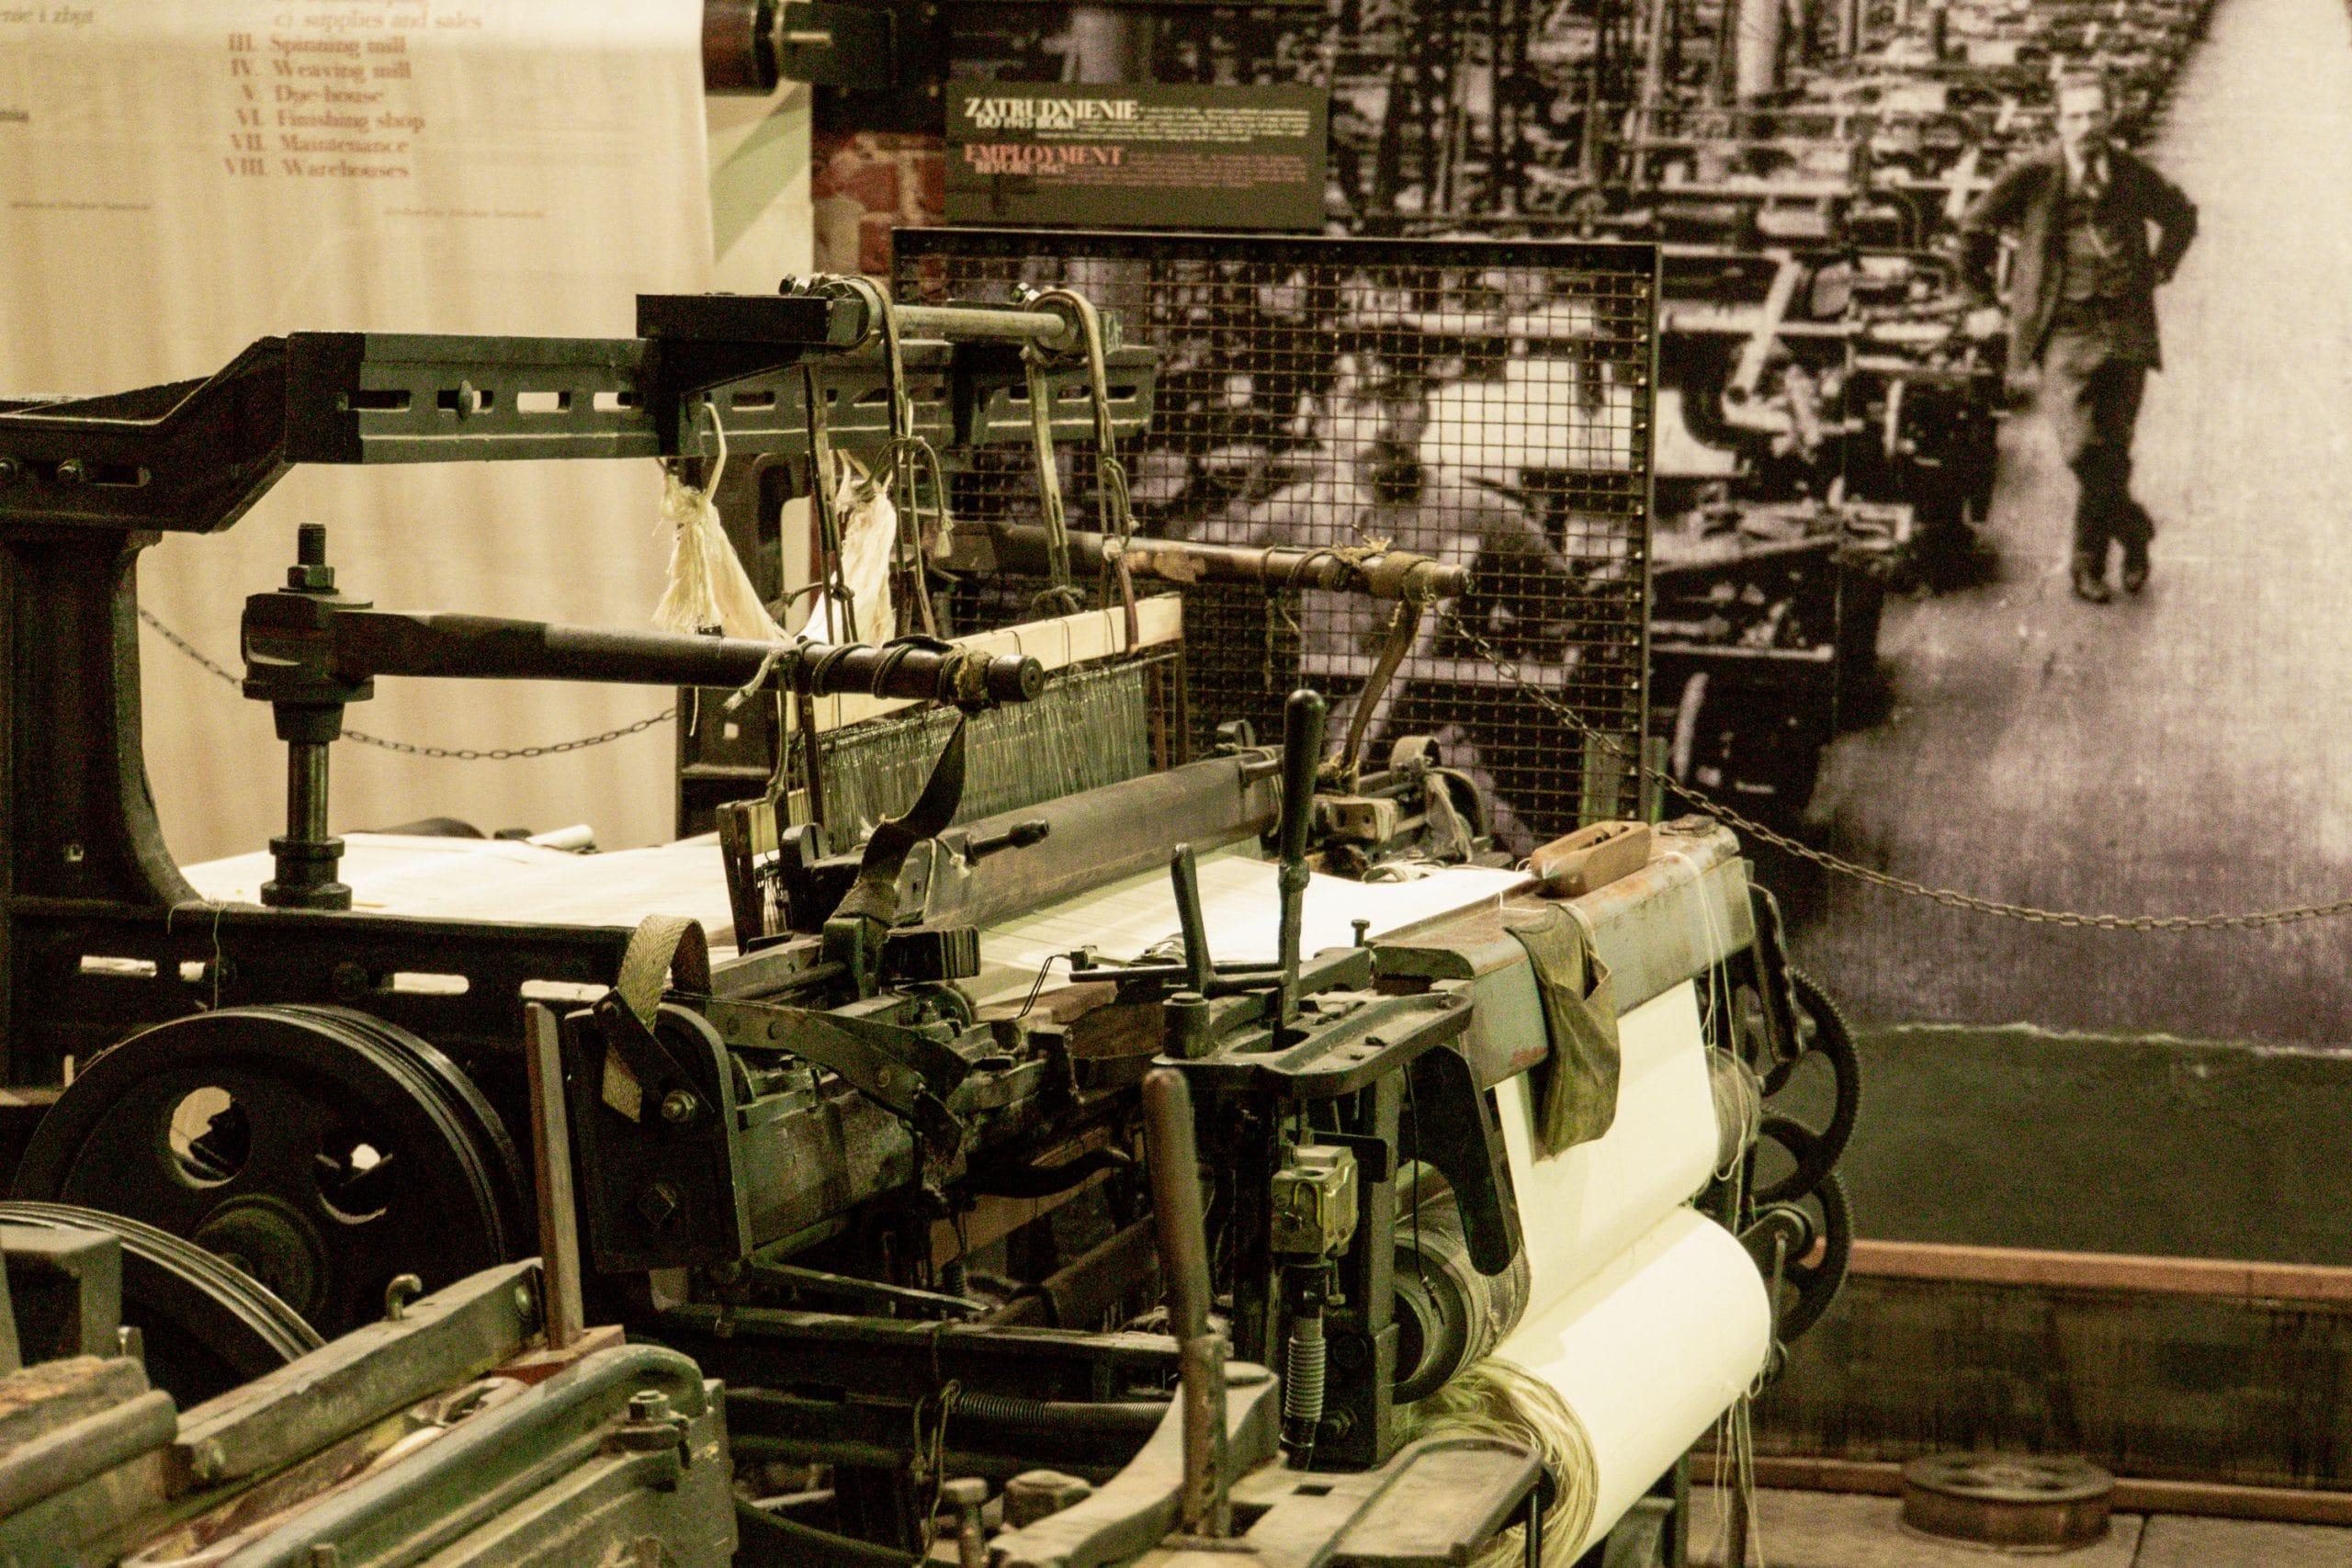 Lodz Top Ten Sehenswürdigkeiten - Highlights für euren Städtetrip in Polen - Israel Poznanski Fabrikmuseum Webstuhl